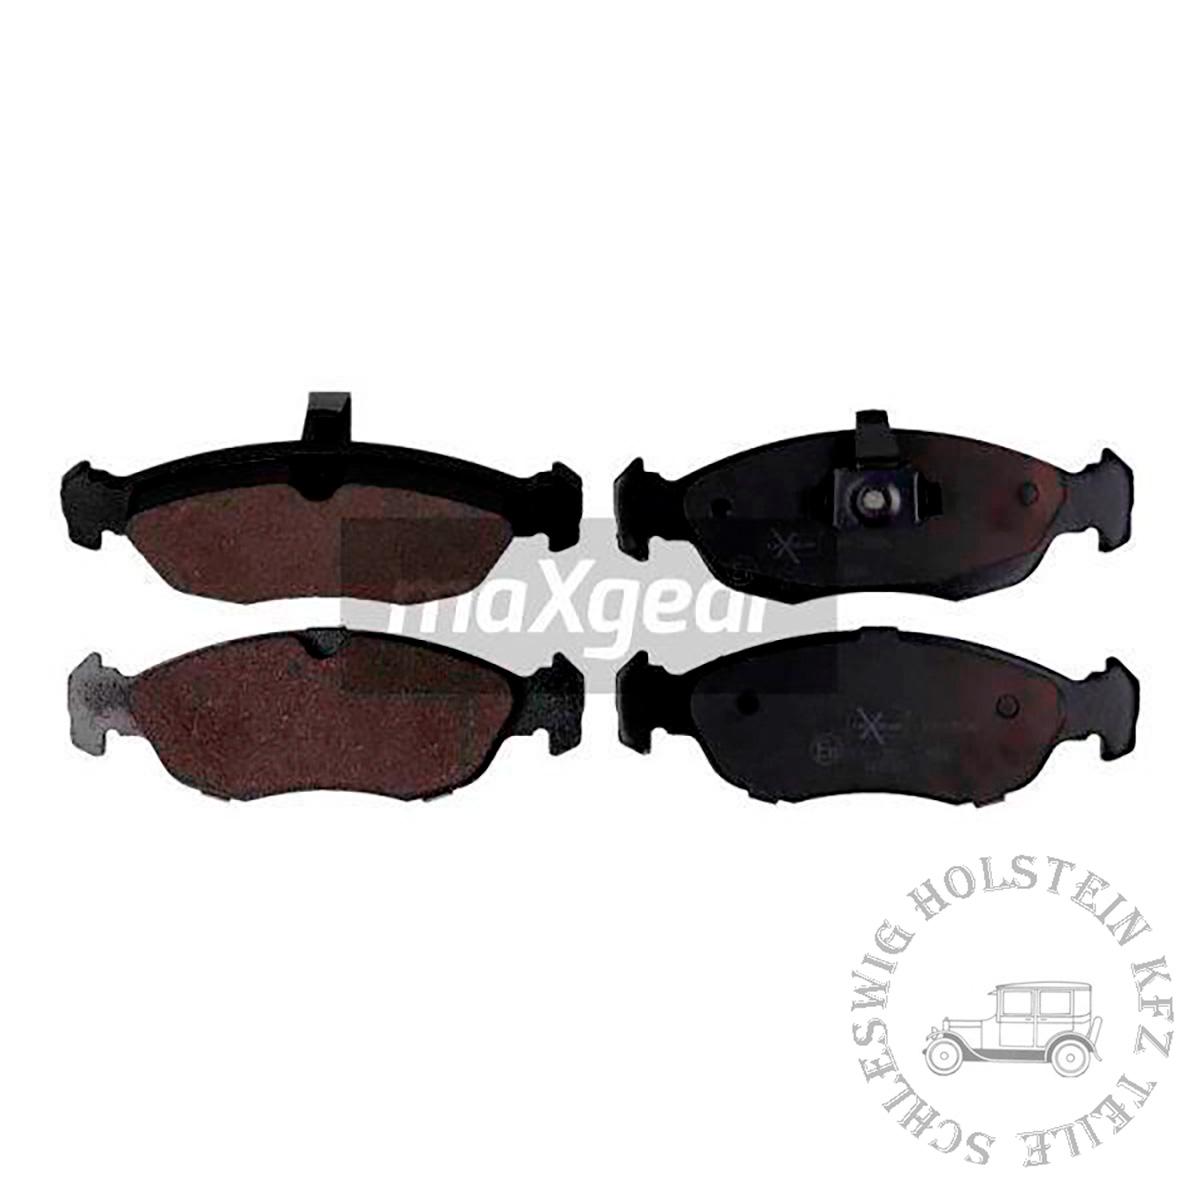 Bremsbelagsatz Vorne für PEUGEOT 306 Schrägheck (7A, 7C, N3, N5) 1.4